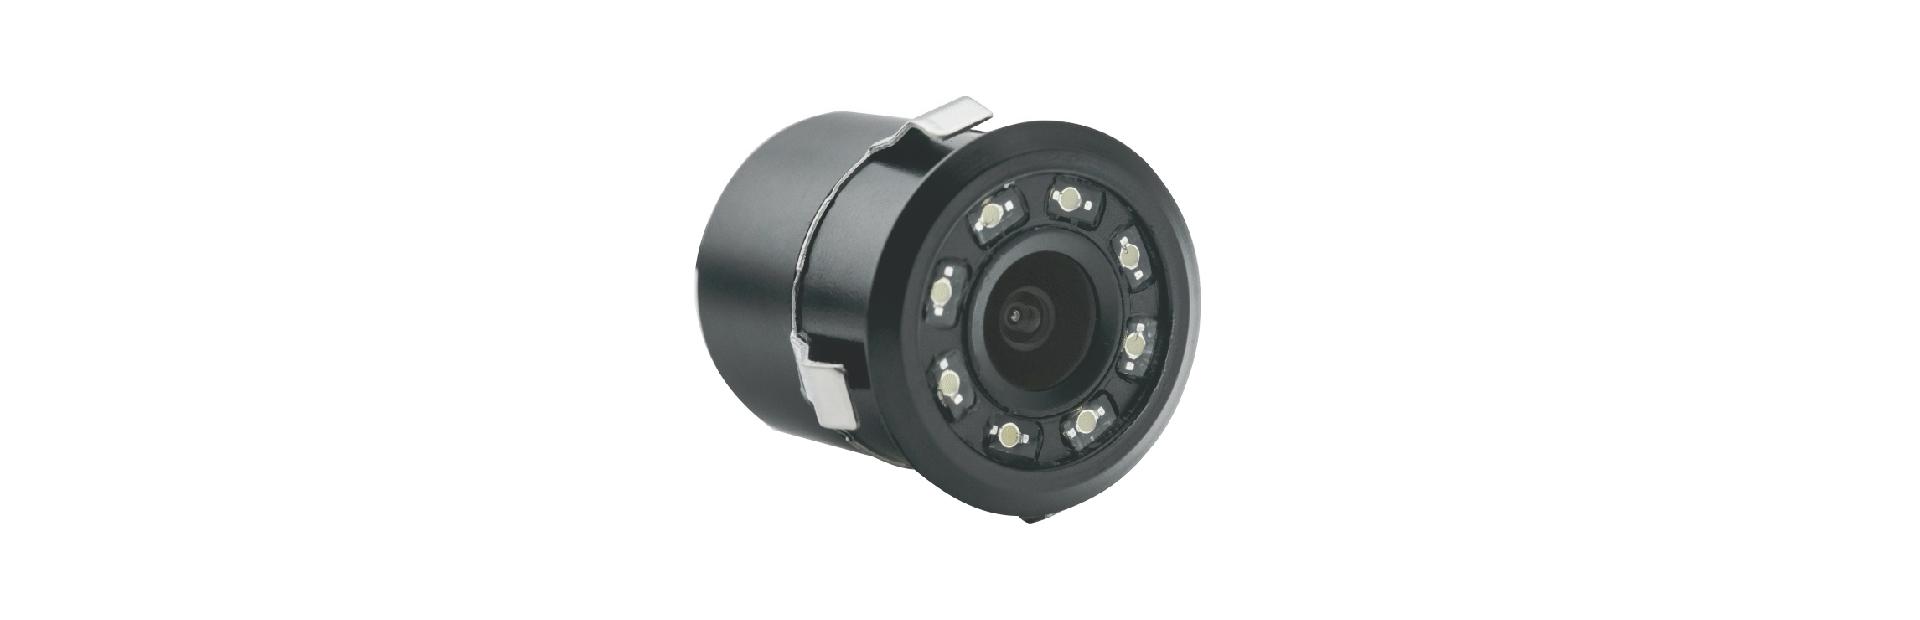 Câmera LED Visão Noturna